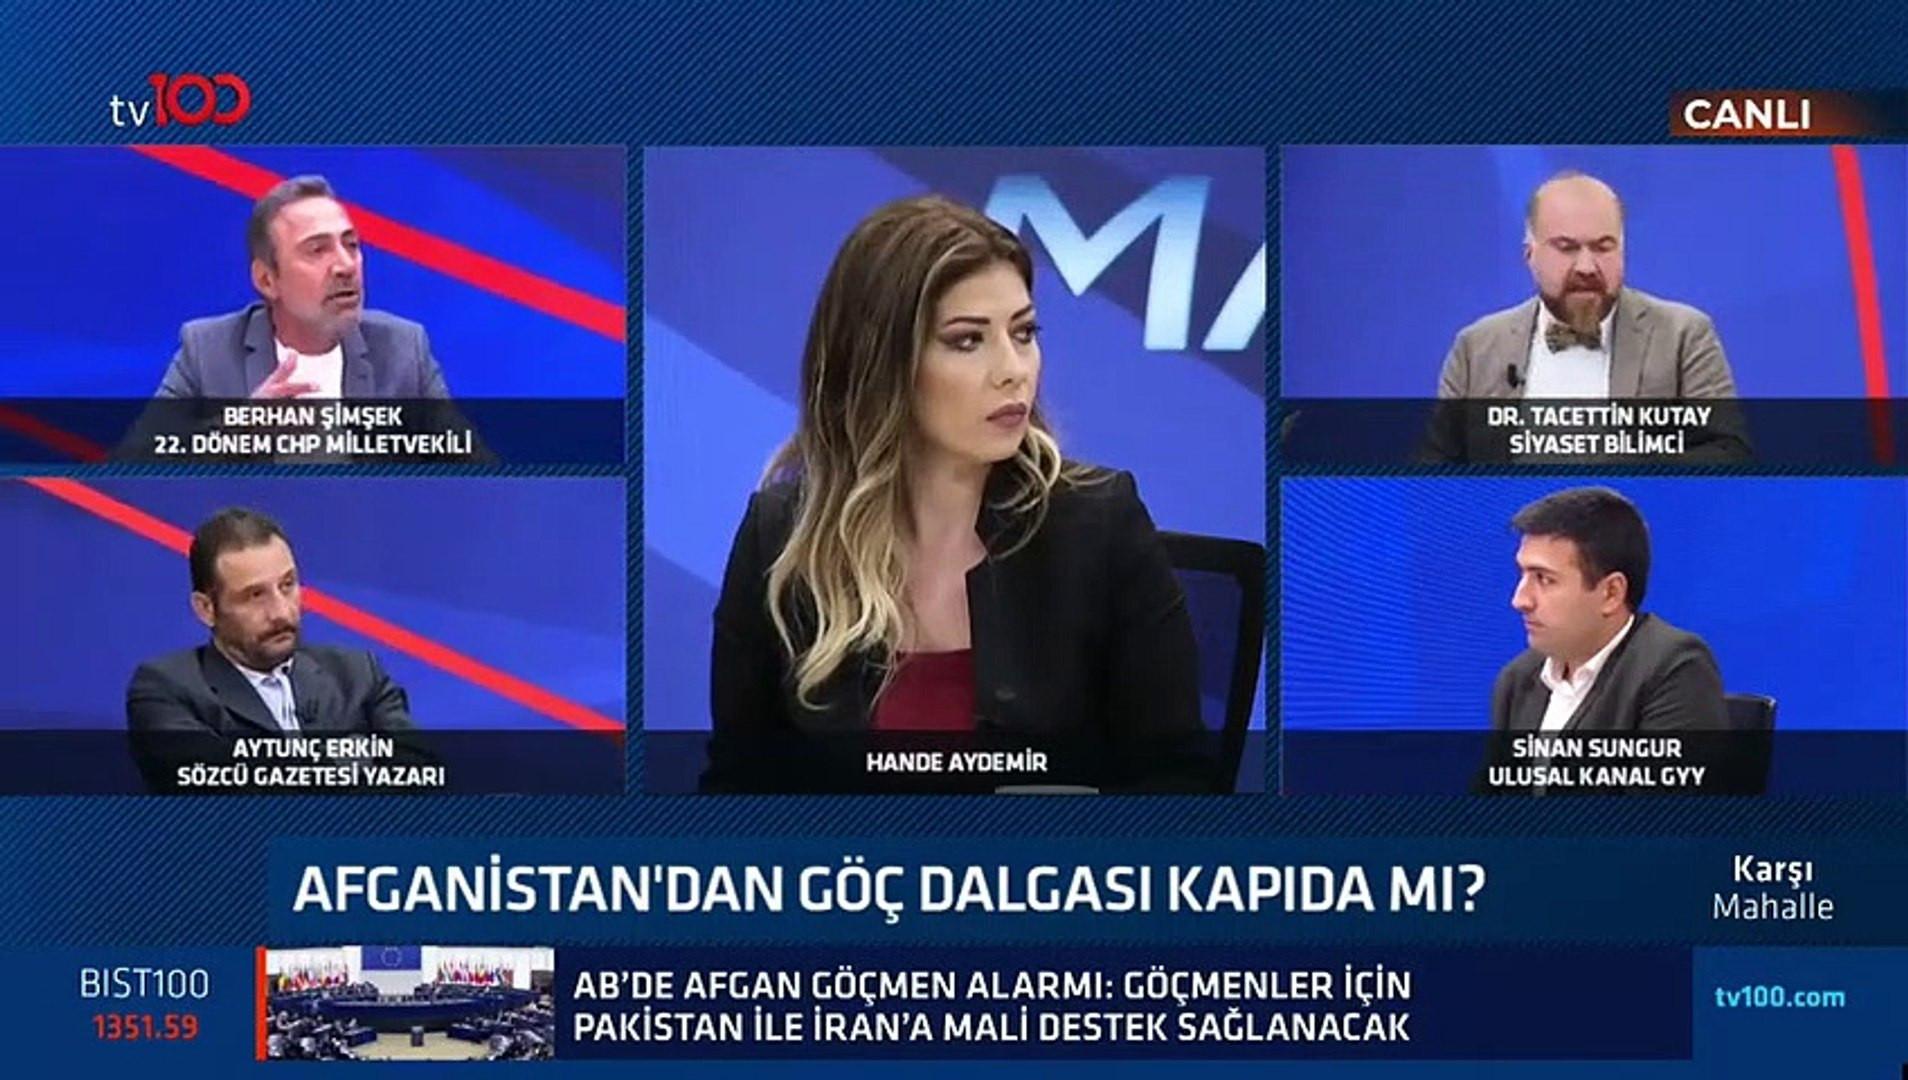 Canlı yayında büyük kavga! Berhan Şimşek ile Tacettin Kutay birbirine girdi